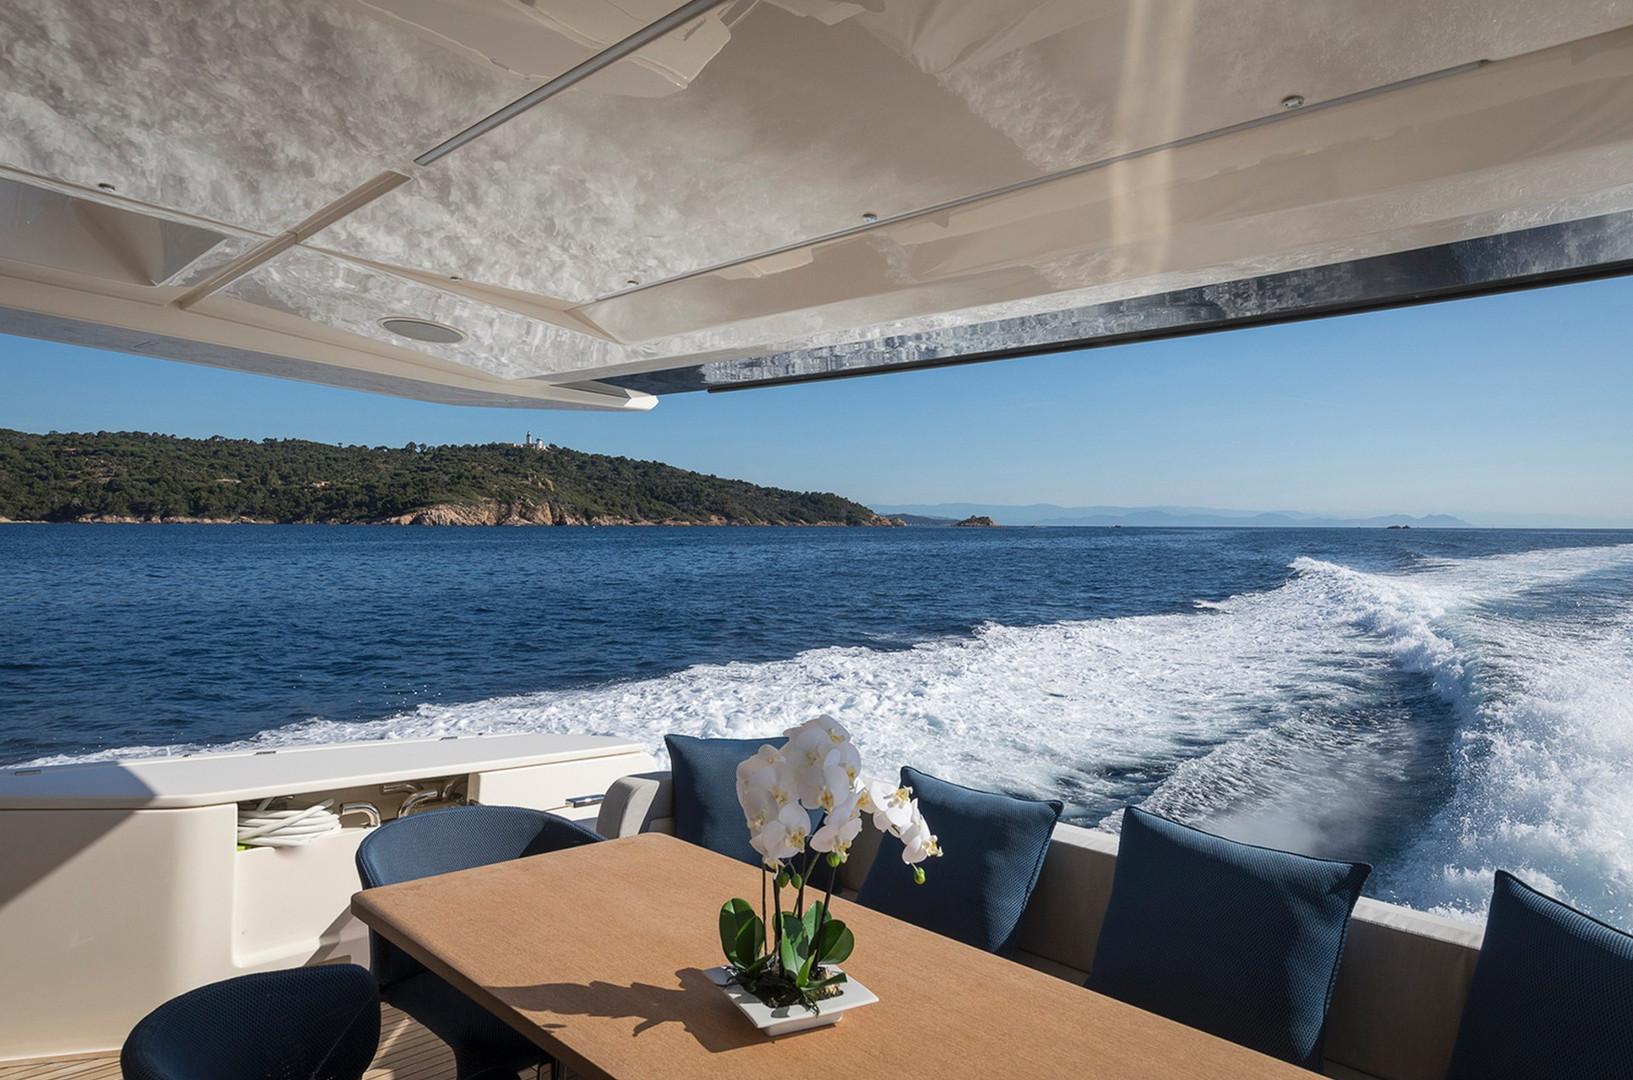 Yacht EPIC - aft deck underway